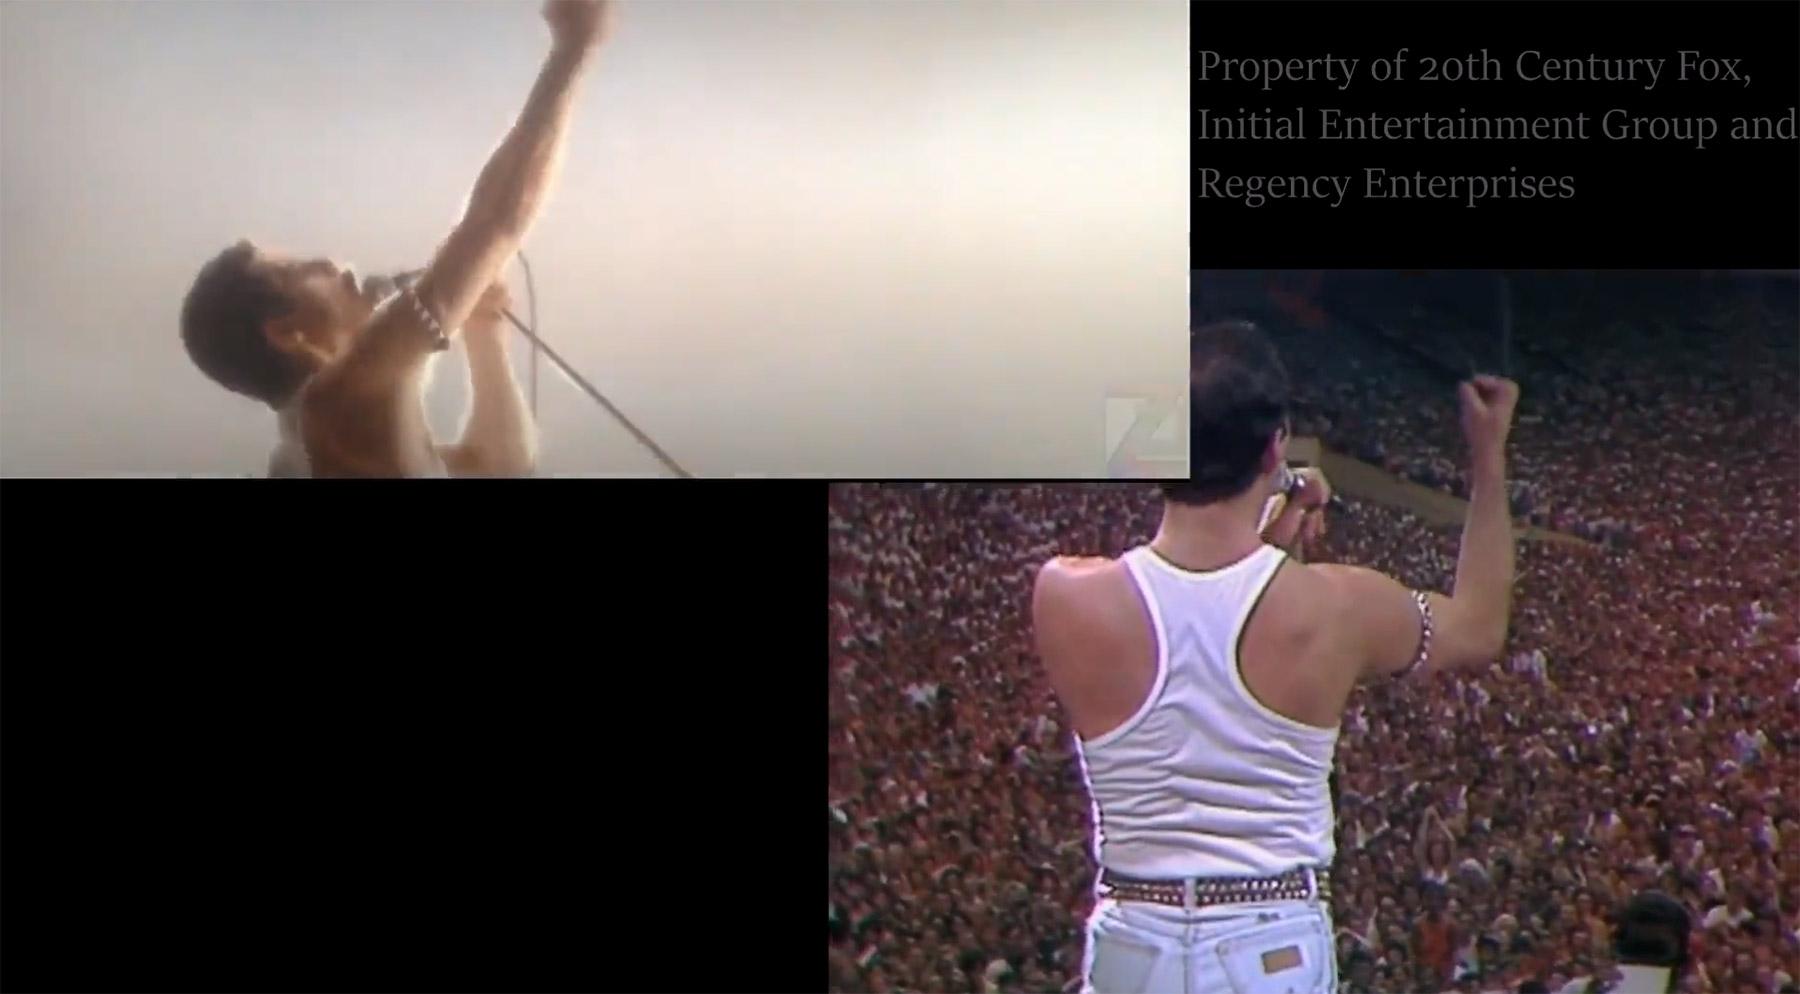 """Queens 1985er """"Live Aid""""-Gig: Film vs. Wahrheit queen-vergleich-film-vs-wirklichkeit"""